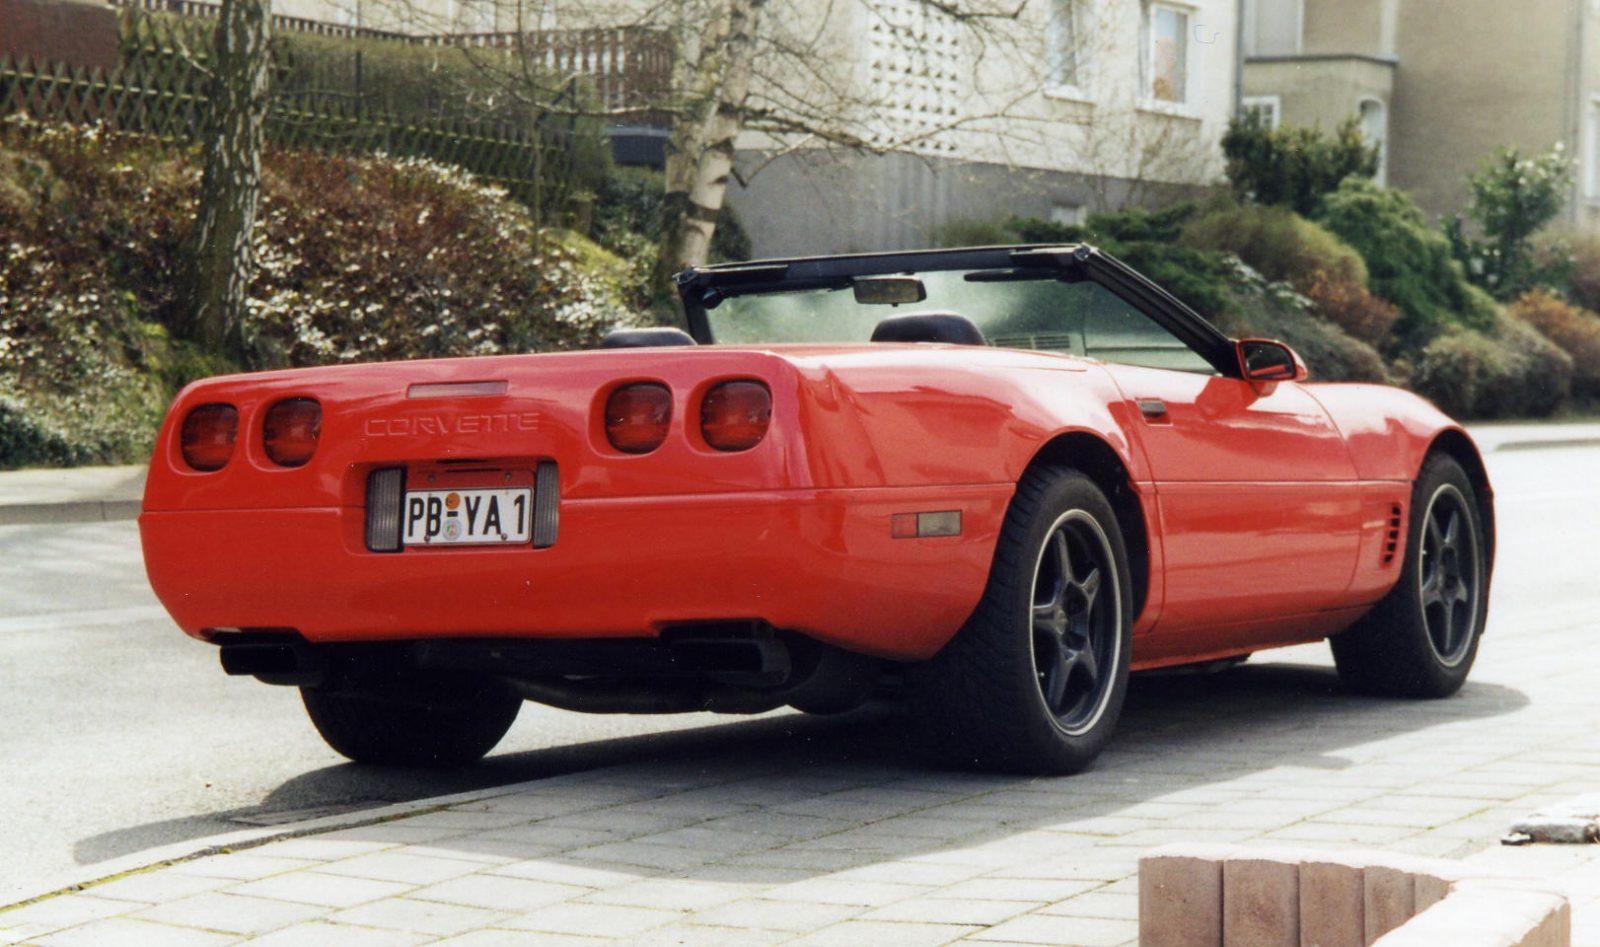 1999 Chevrolet Corvette C4 b